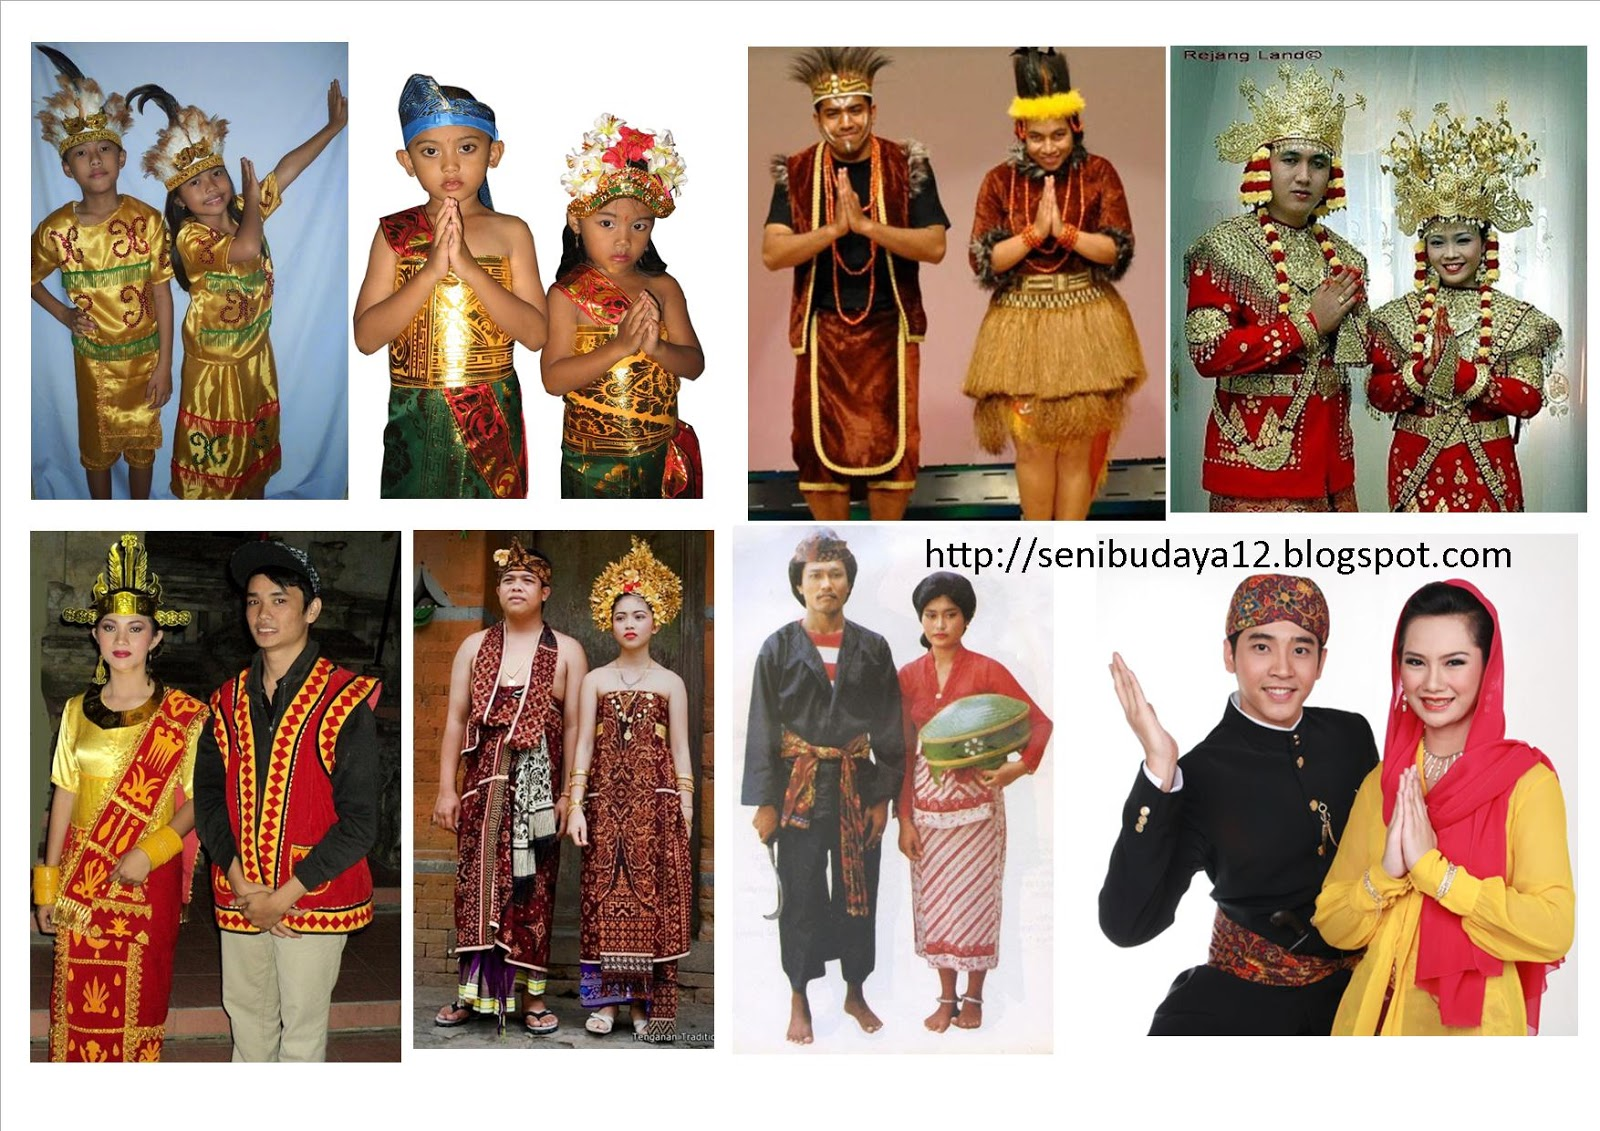 Seni Budaya Gambar Dan Nama Baju Adat Daerah Di 34 Provinsi